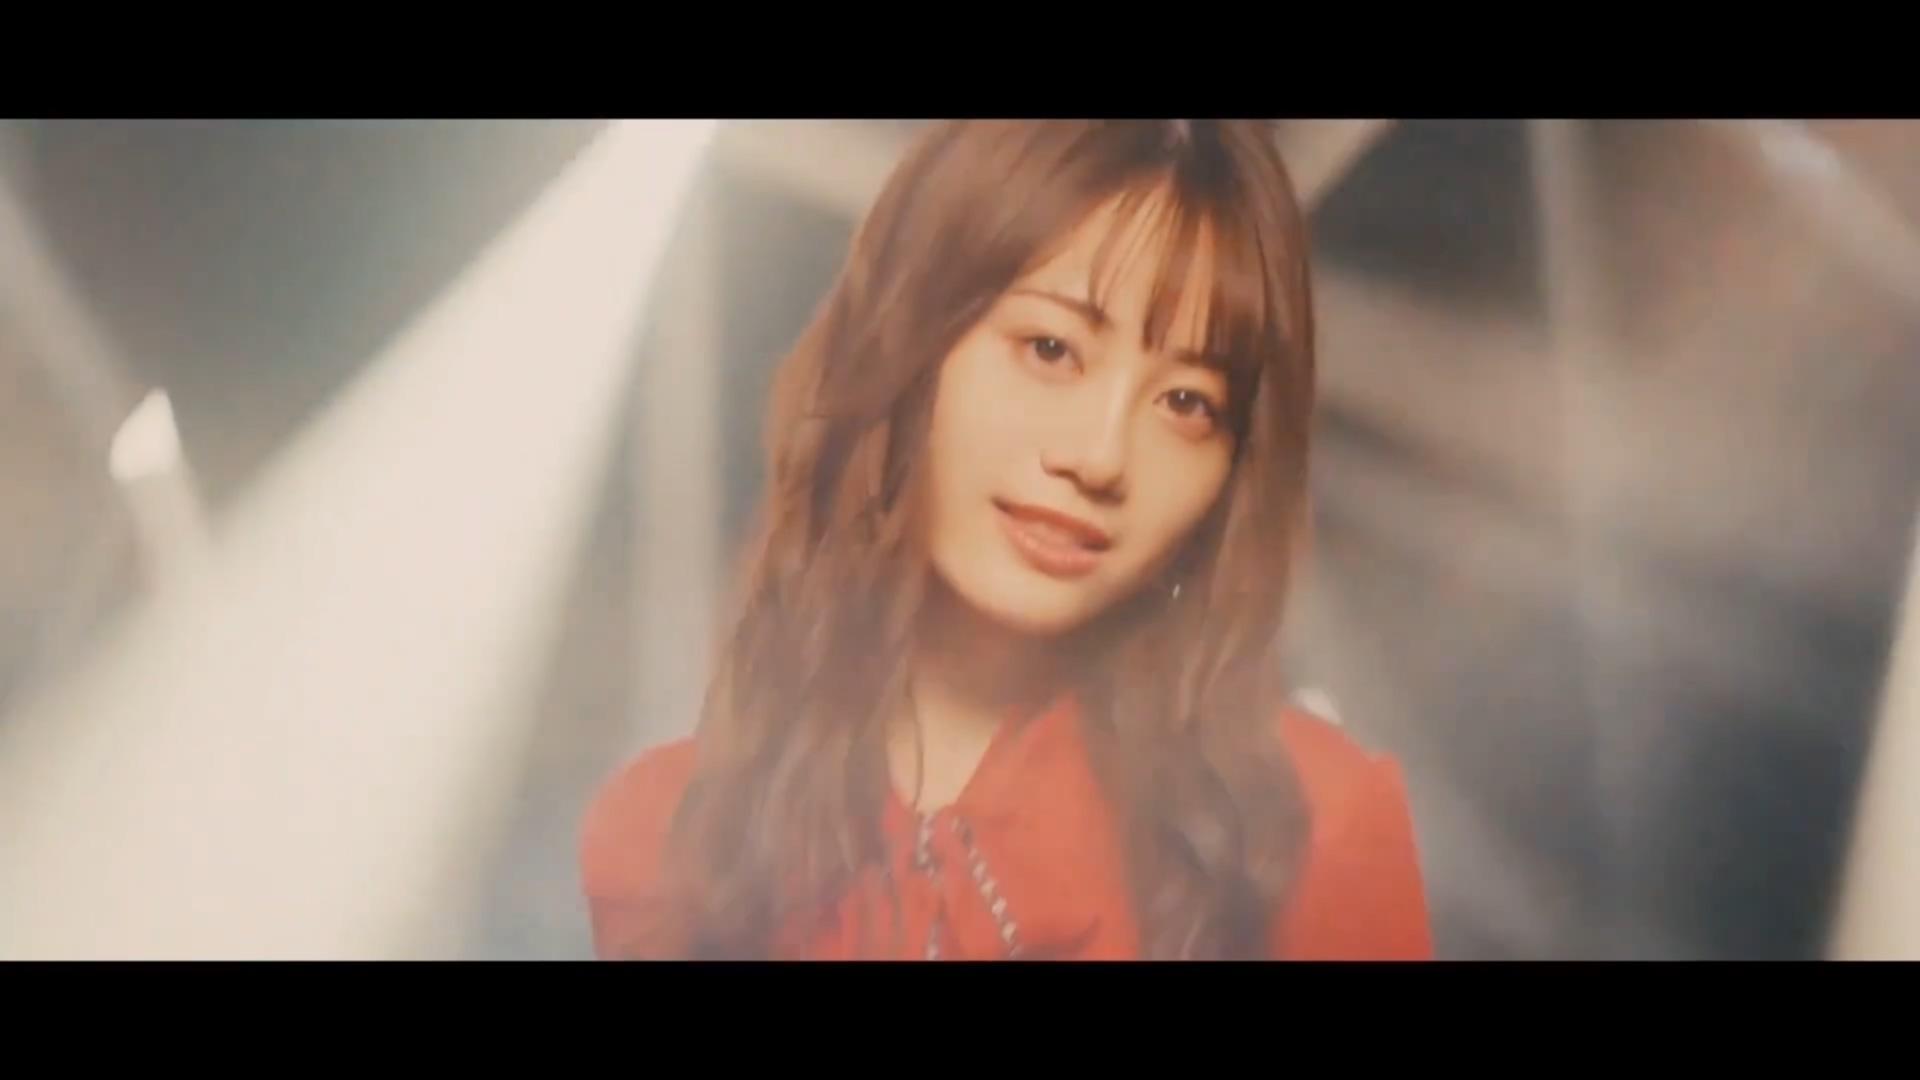 伊藤美来演唱的《星掠者》片头曲MV(Short ver.)公开 伊藤美来 ACG资讯 第1张